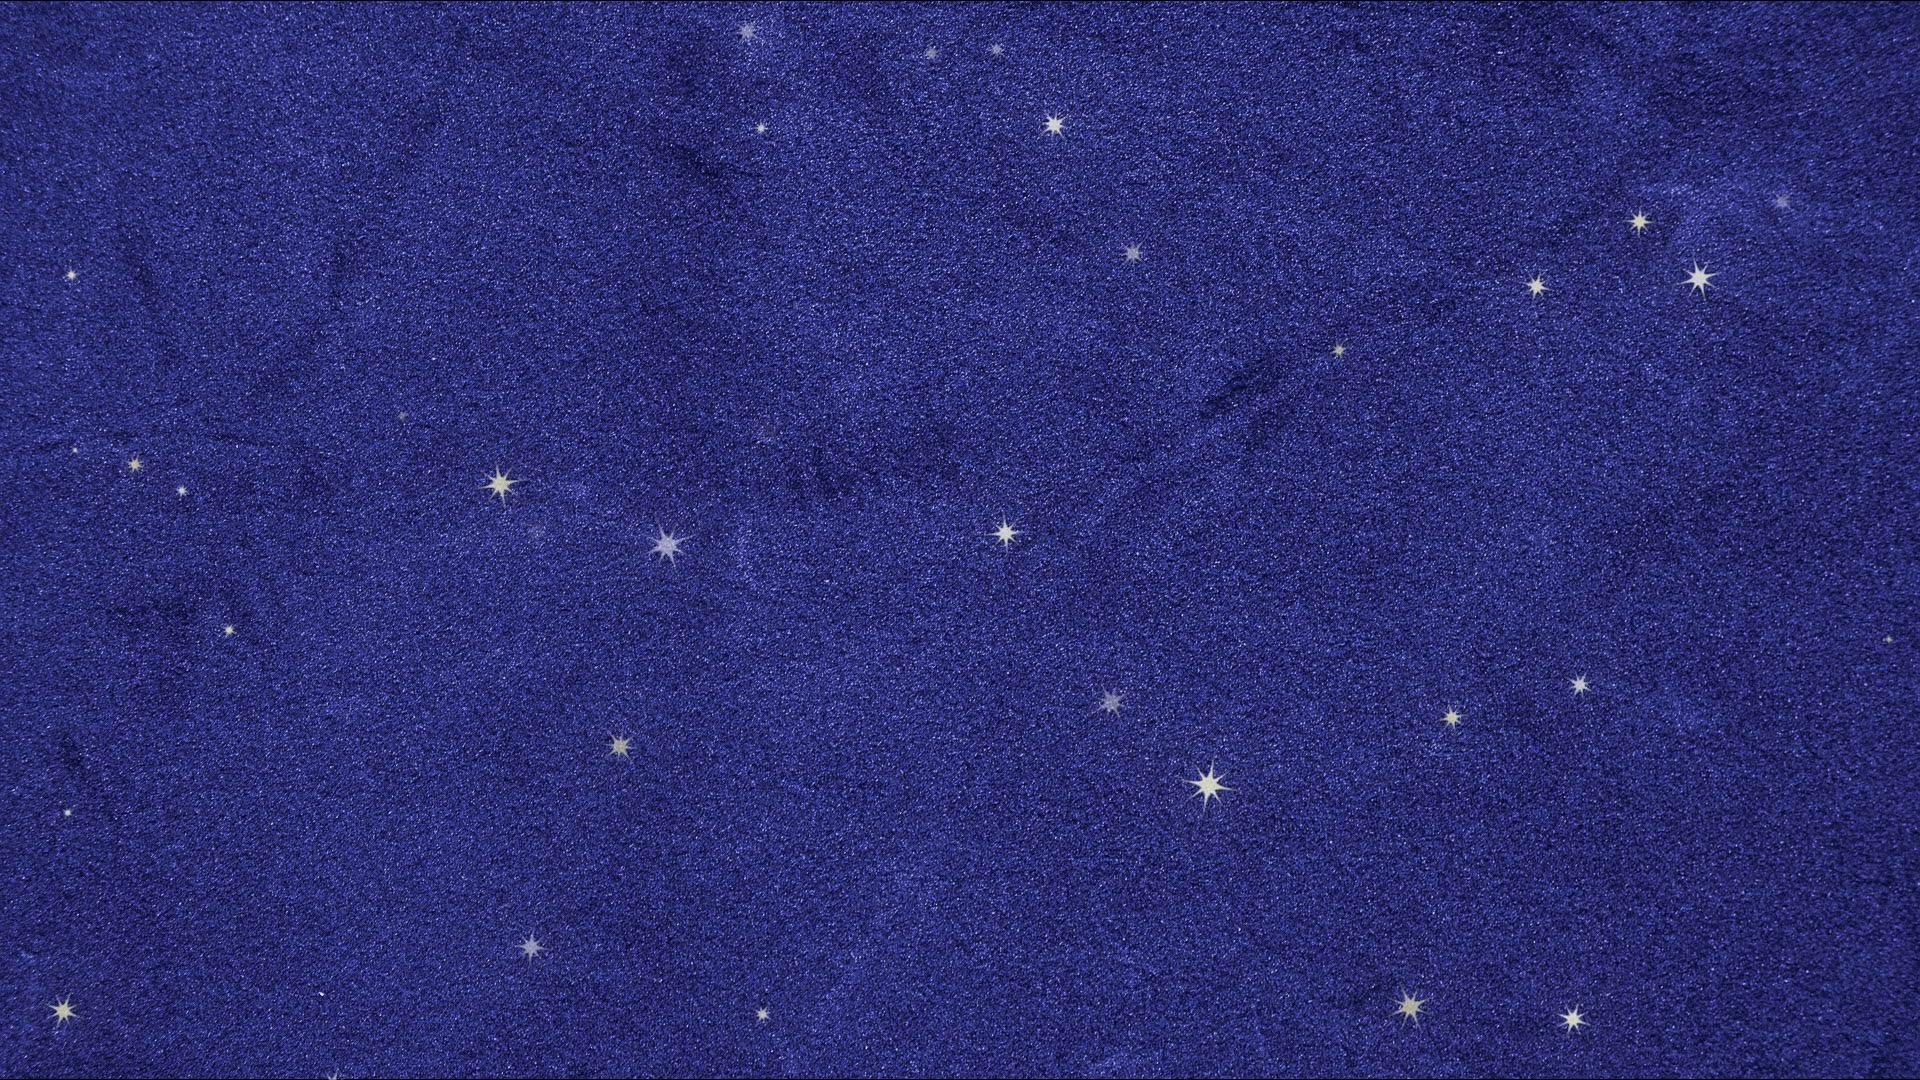 青ベルベット布にたくさんの星